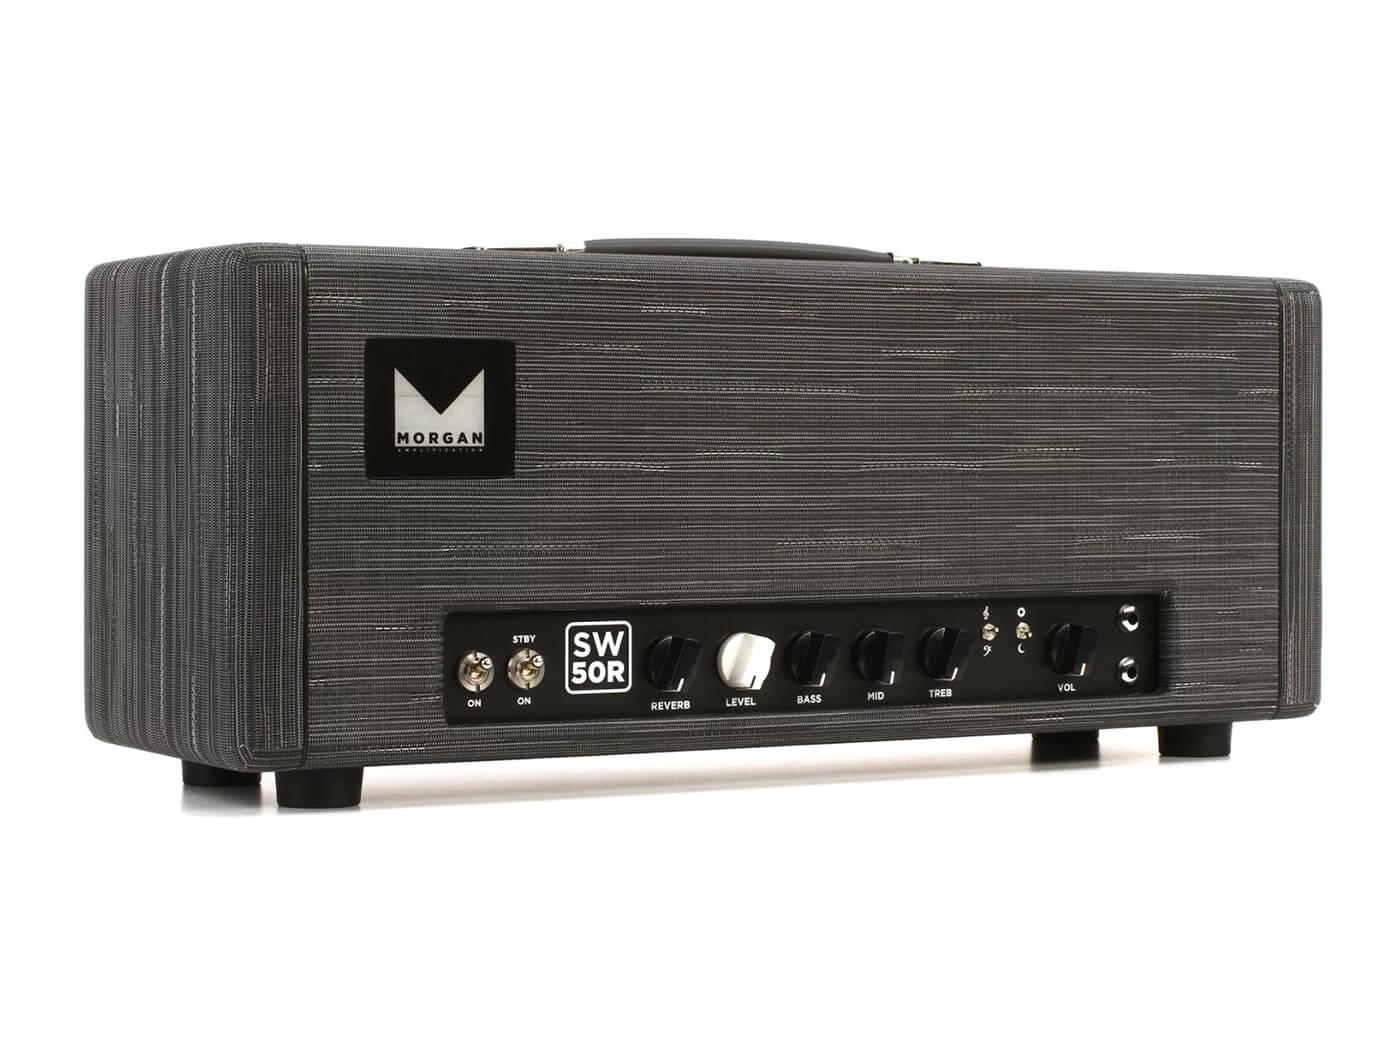 Morgan SW50R